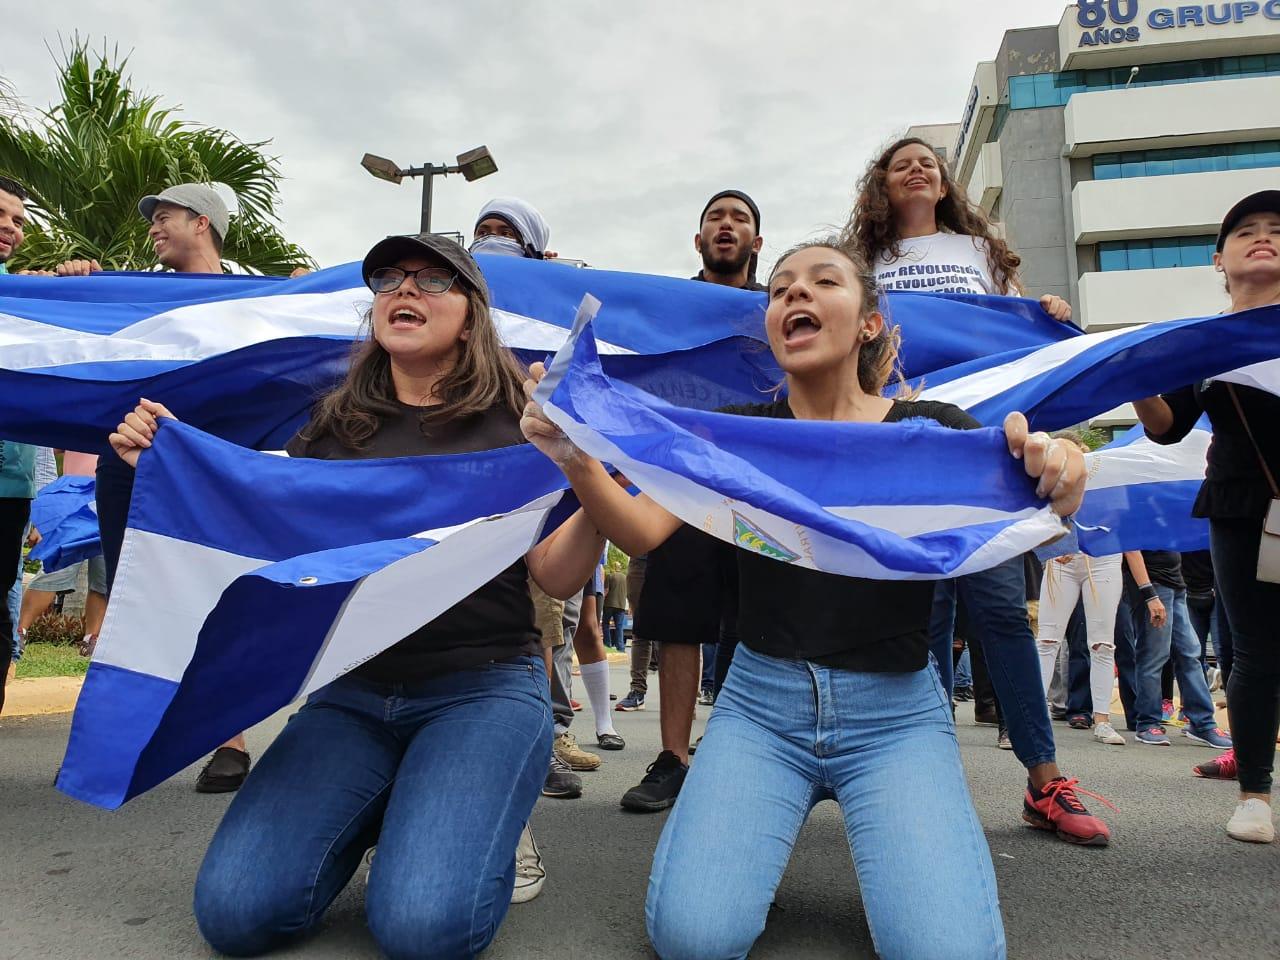 Protesta de estudiantes contra Daniel Ortega. Foto: Á Navarro/Artículo 66